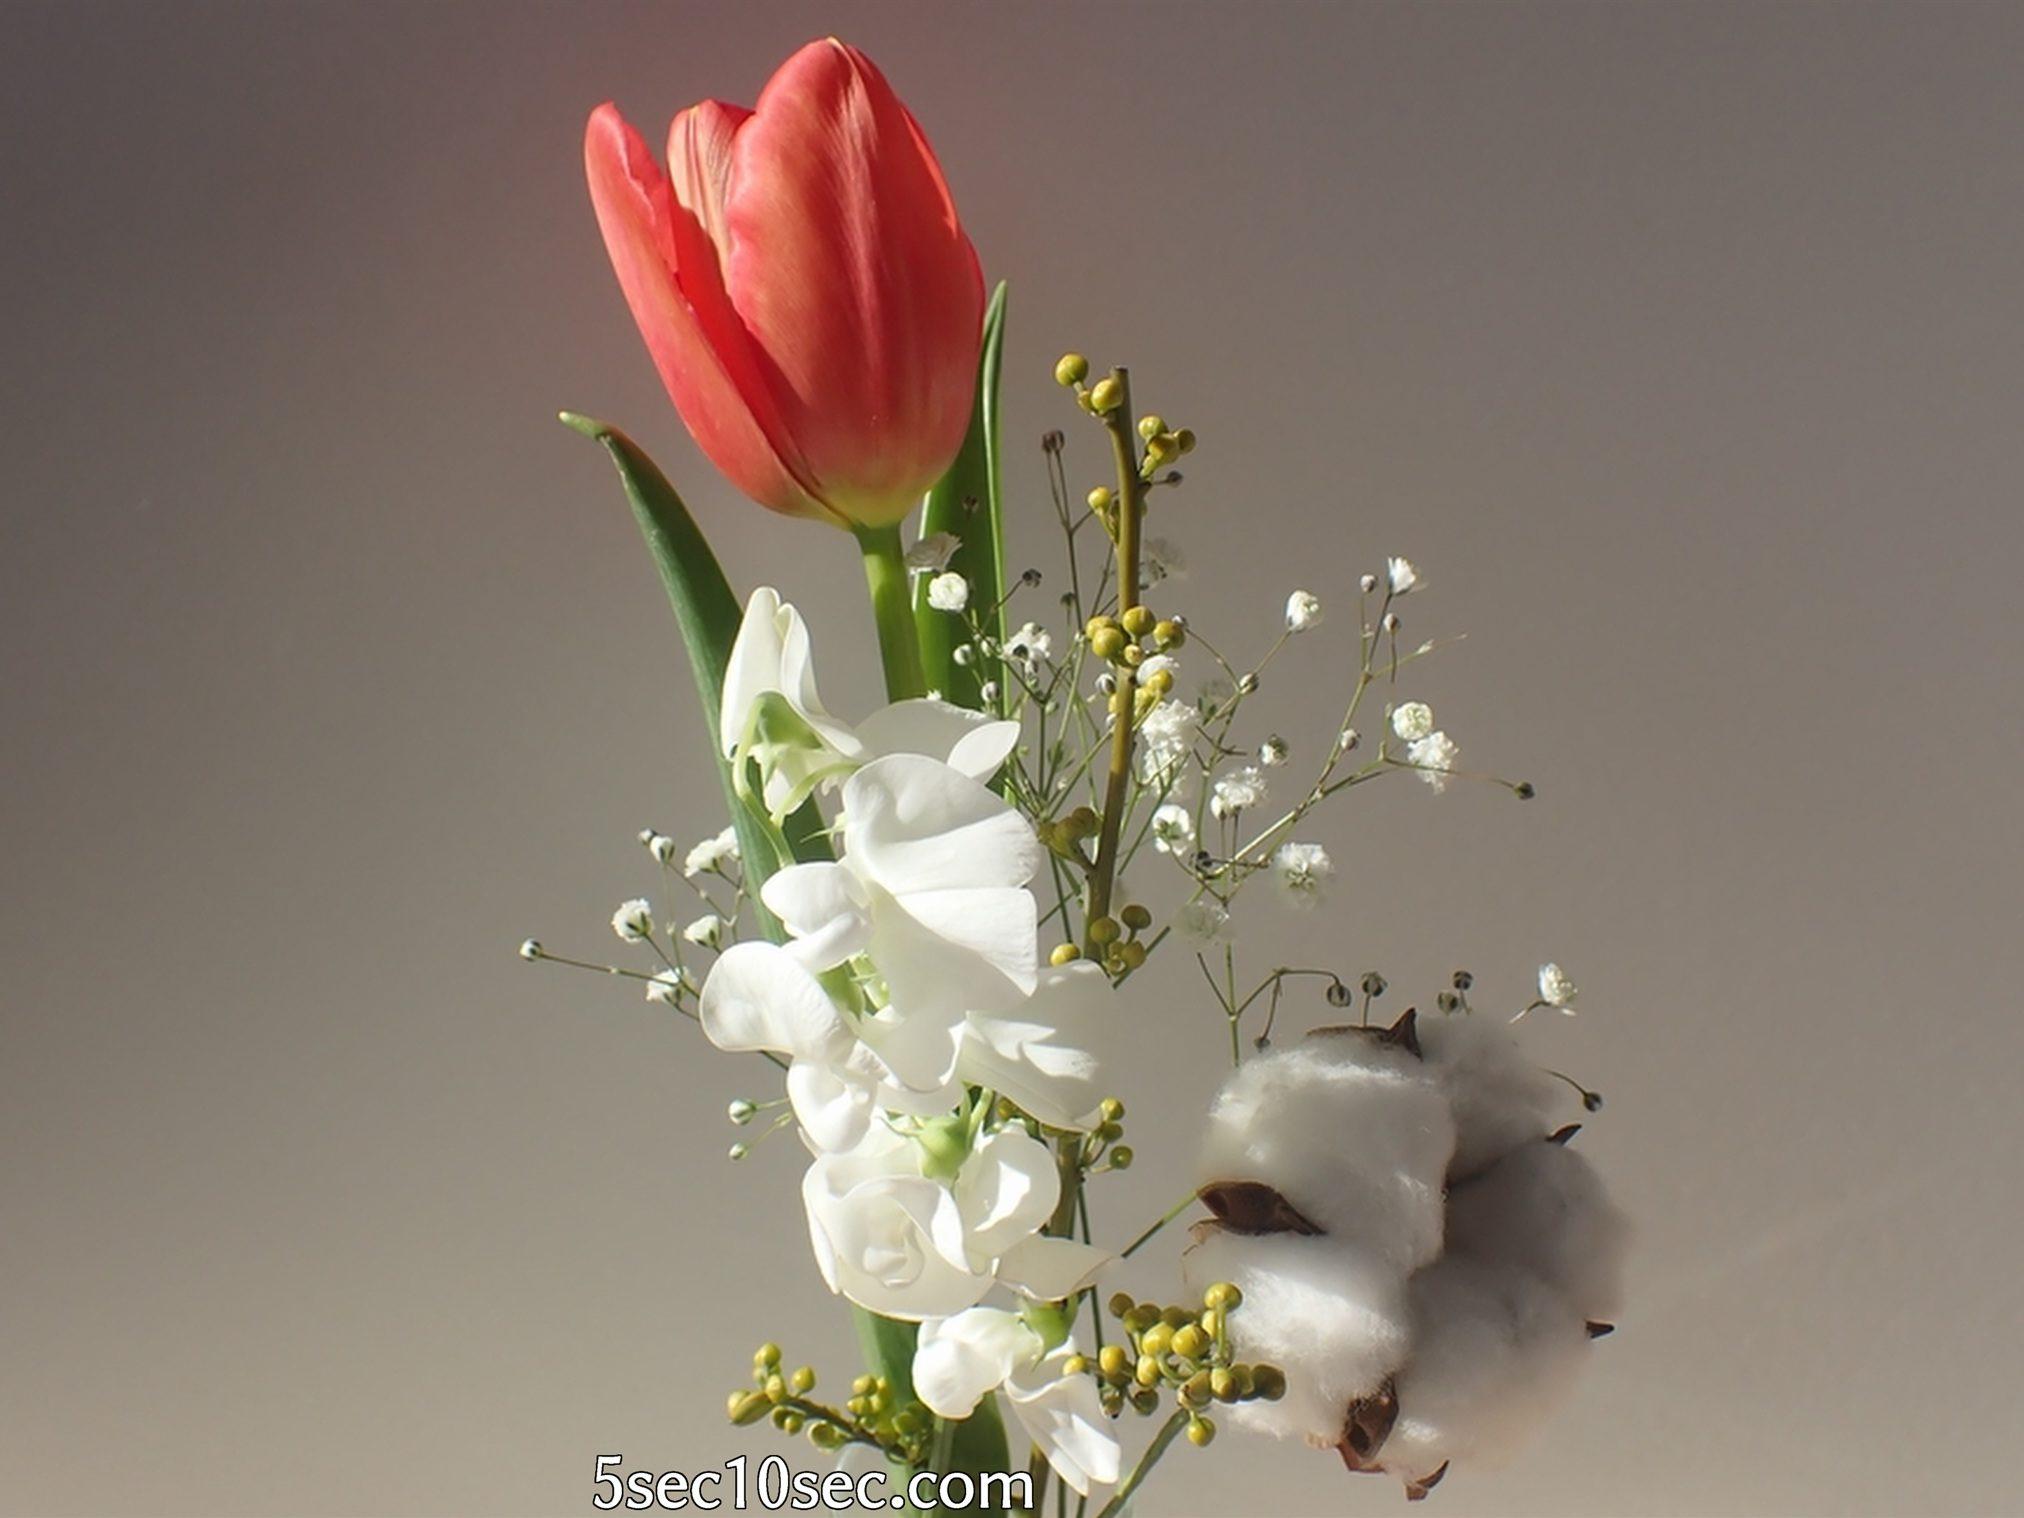 株式会社Crunch Style お花の定期便 Bloomee LIFE ブルーミーライフ チョーリップは変化を楽しめるお花